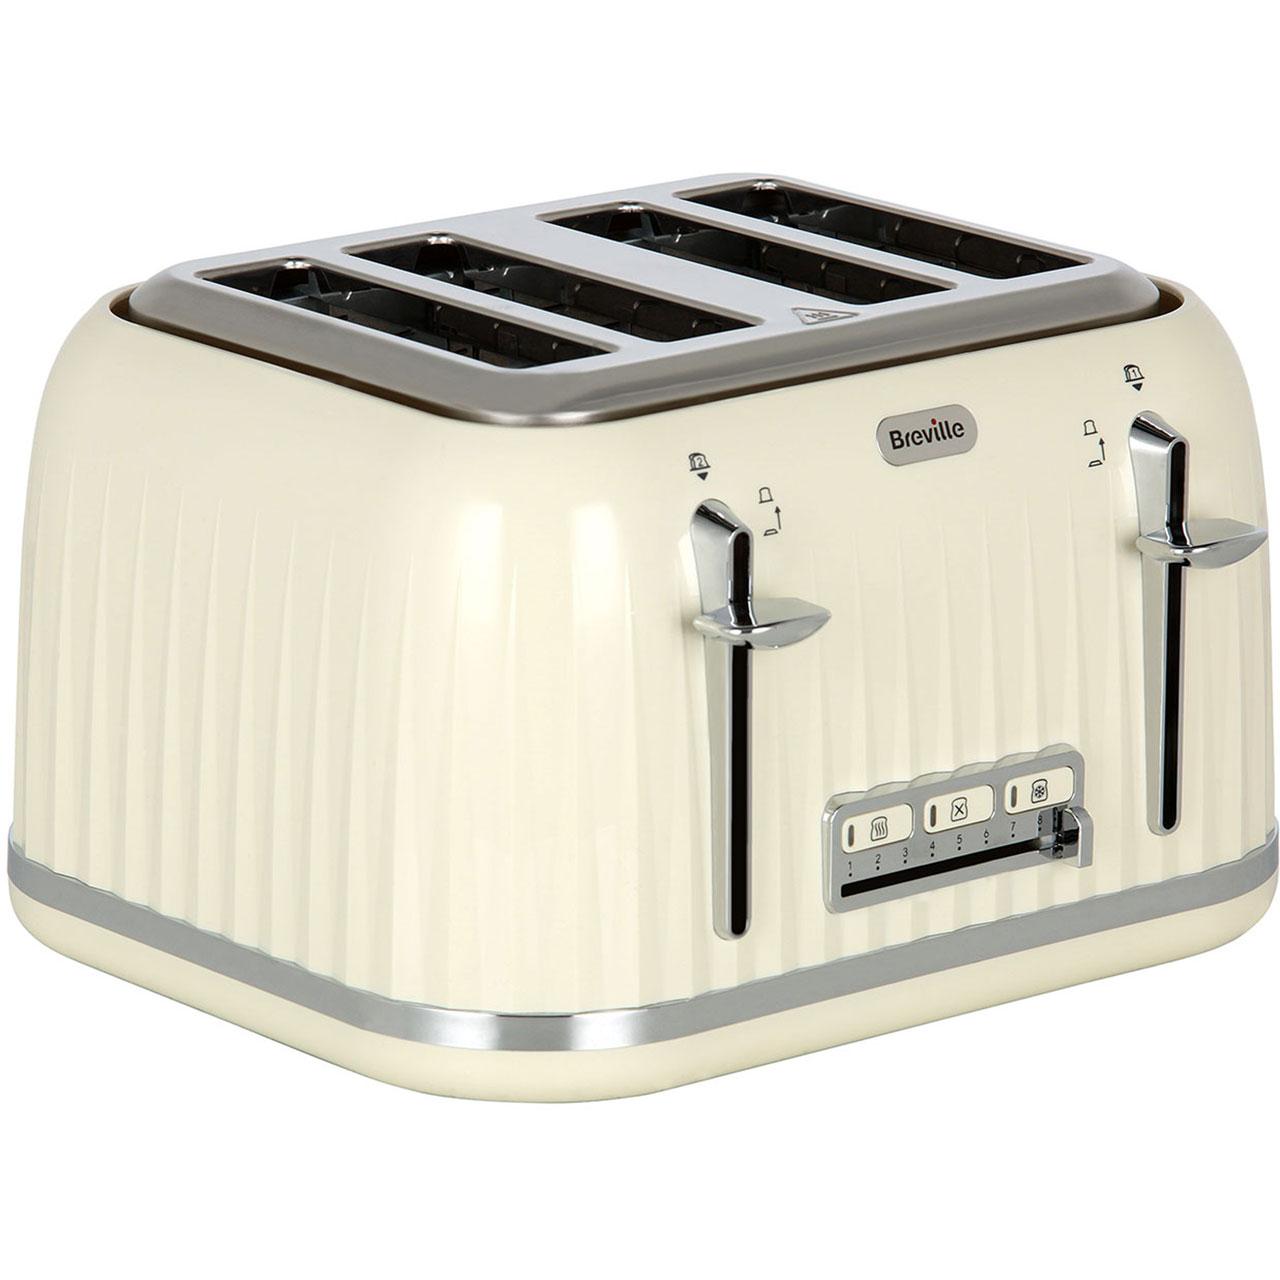 33a6a6162719 ... Breville Impressions VTT702 4 Slice Toaster - Cream - VTT702_CR - 1 ...